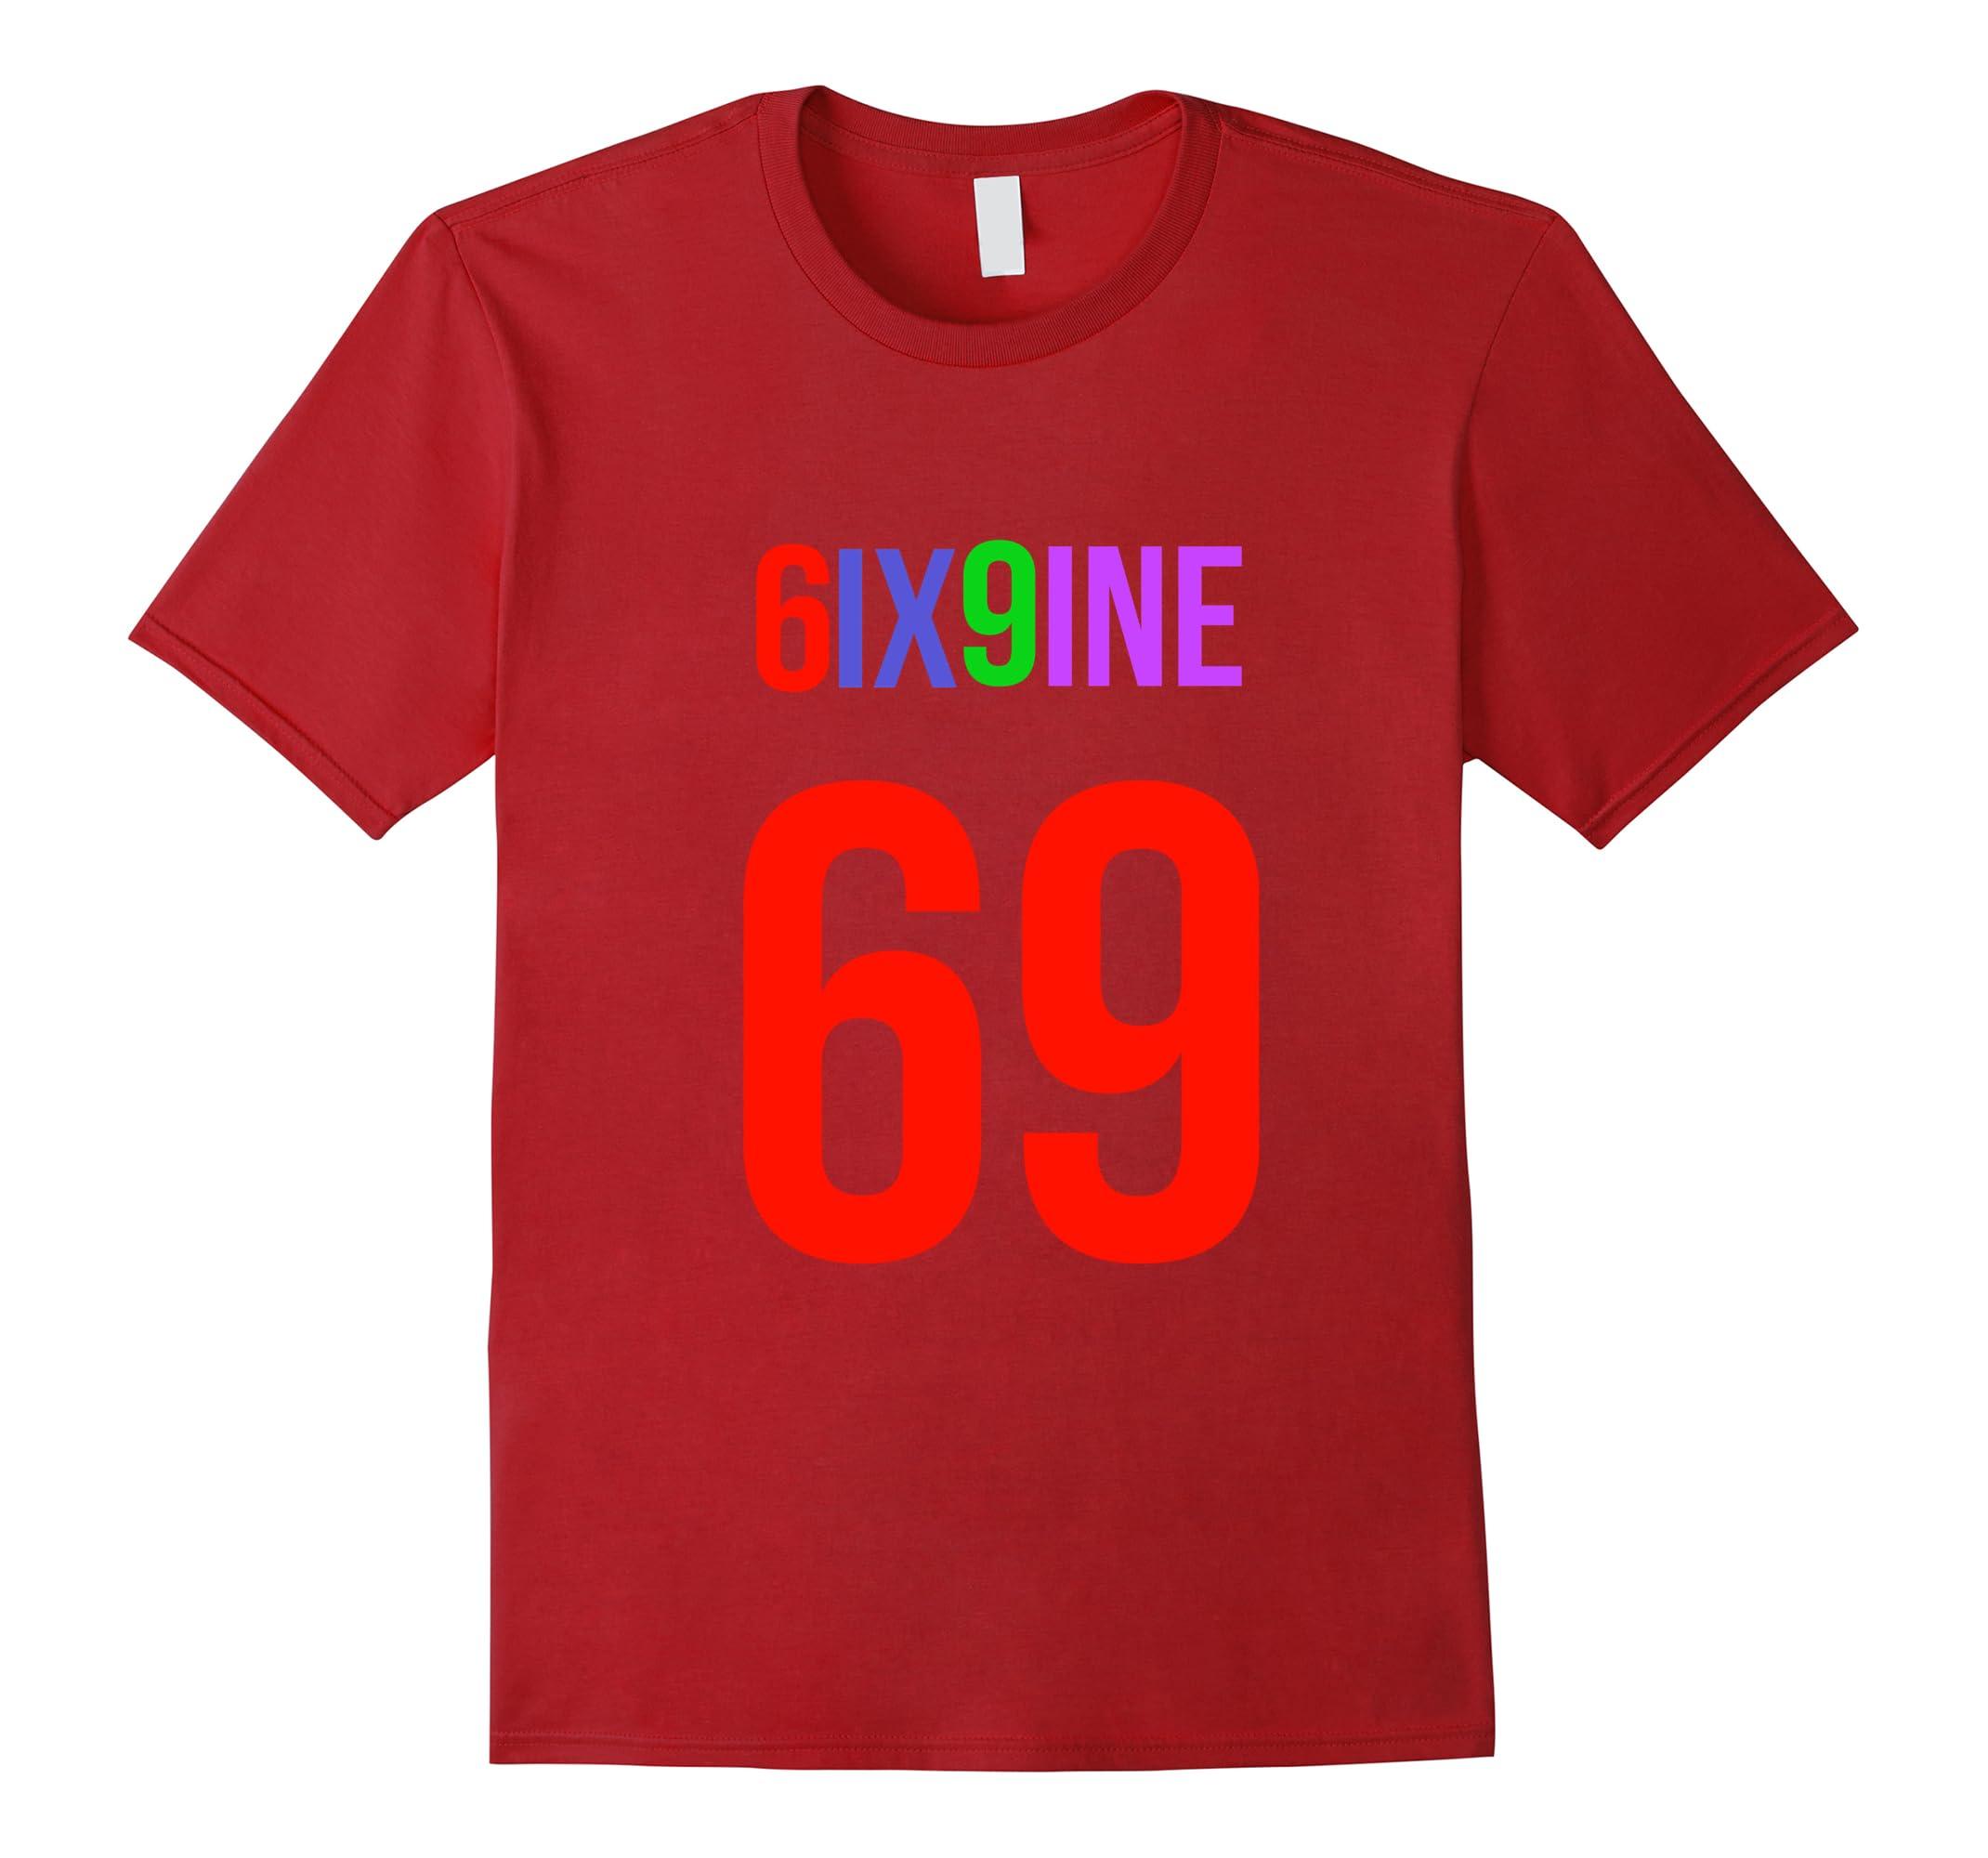 Class T Shirt Design Ideas Cotswold Hire